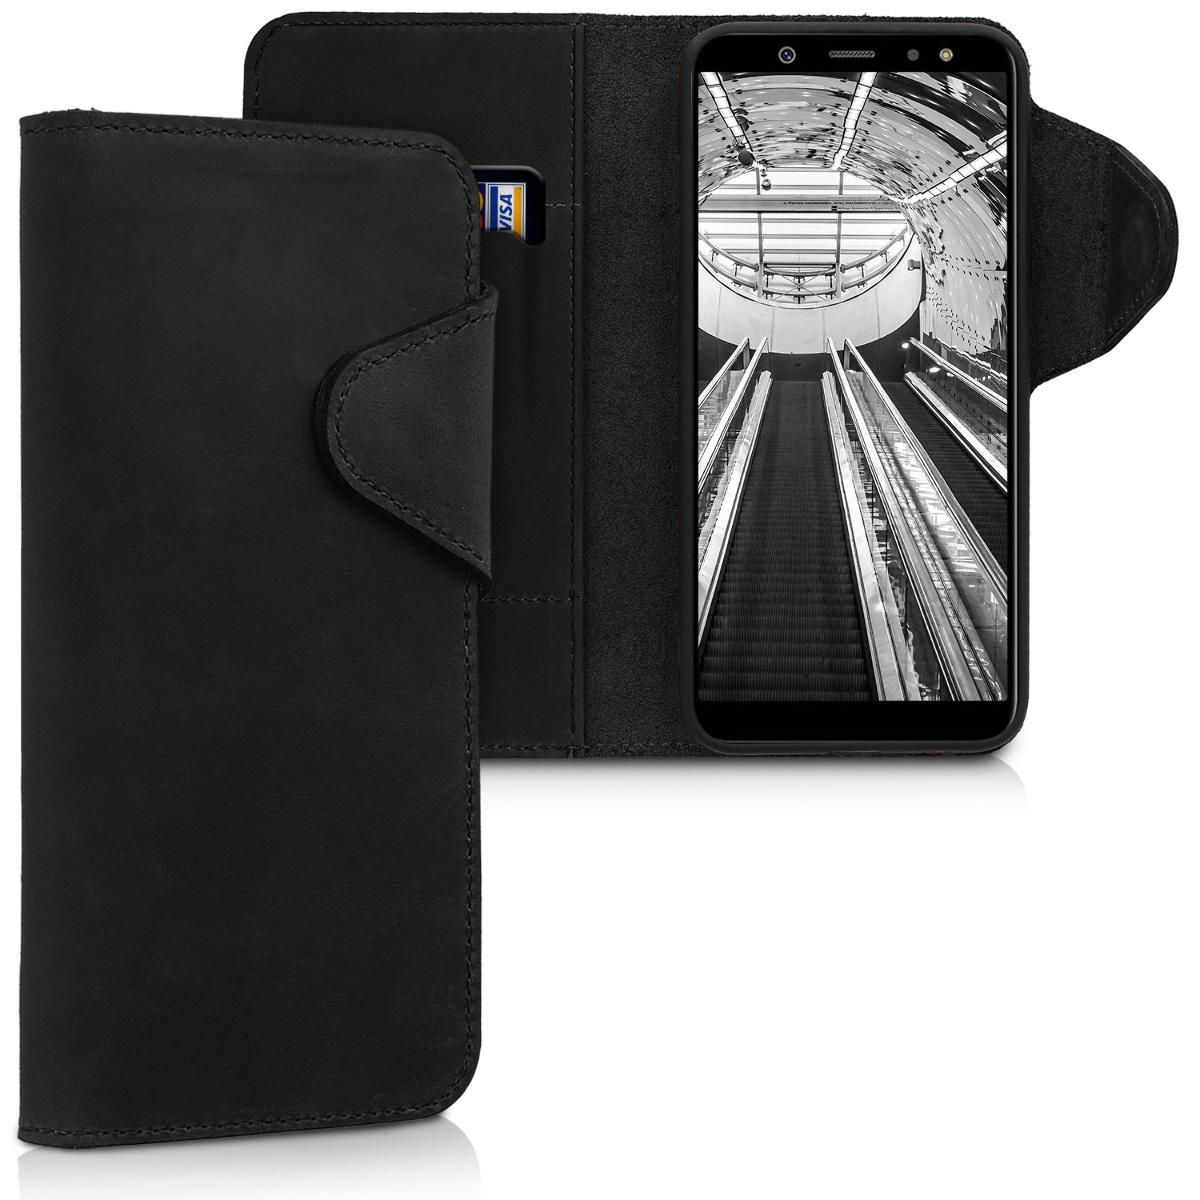 Kalibri Δερμάτινη Suede Θήκη - Πορτοφόλι  Samsung Galaxy A6 (2018) -  Black (45252.01)